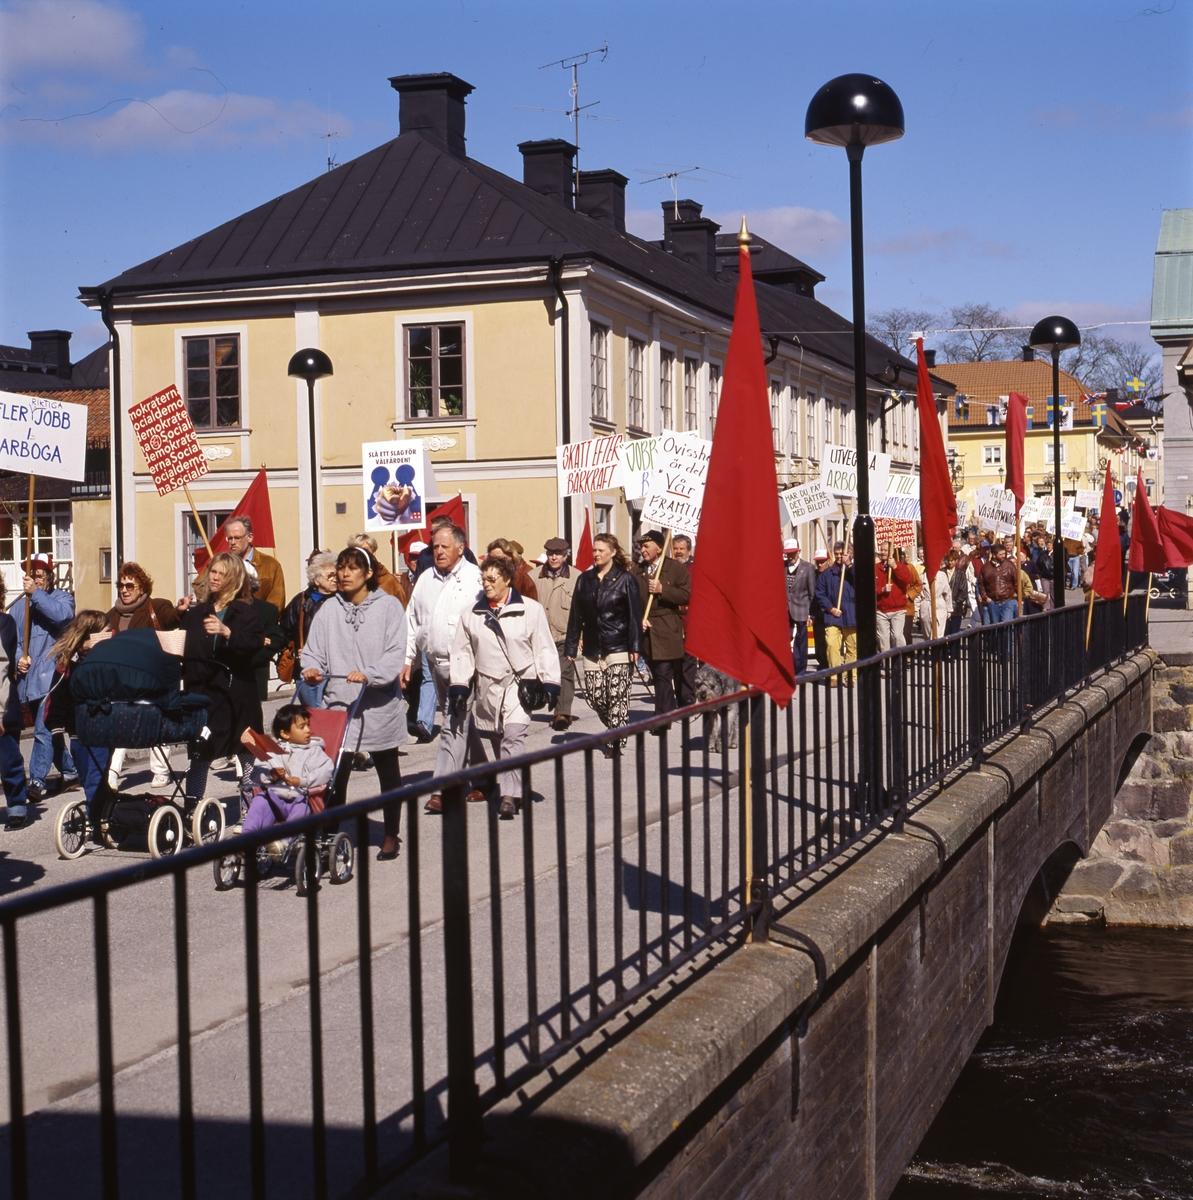 Första maj. Demonstrationståg på Kapellbron. Människor bär plakat. Bron är dekorerad med röda fanor. I bakgrunden ses kvarteret Stadsgården. Socialdemokrater.